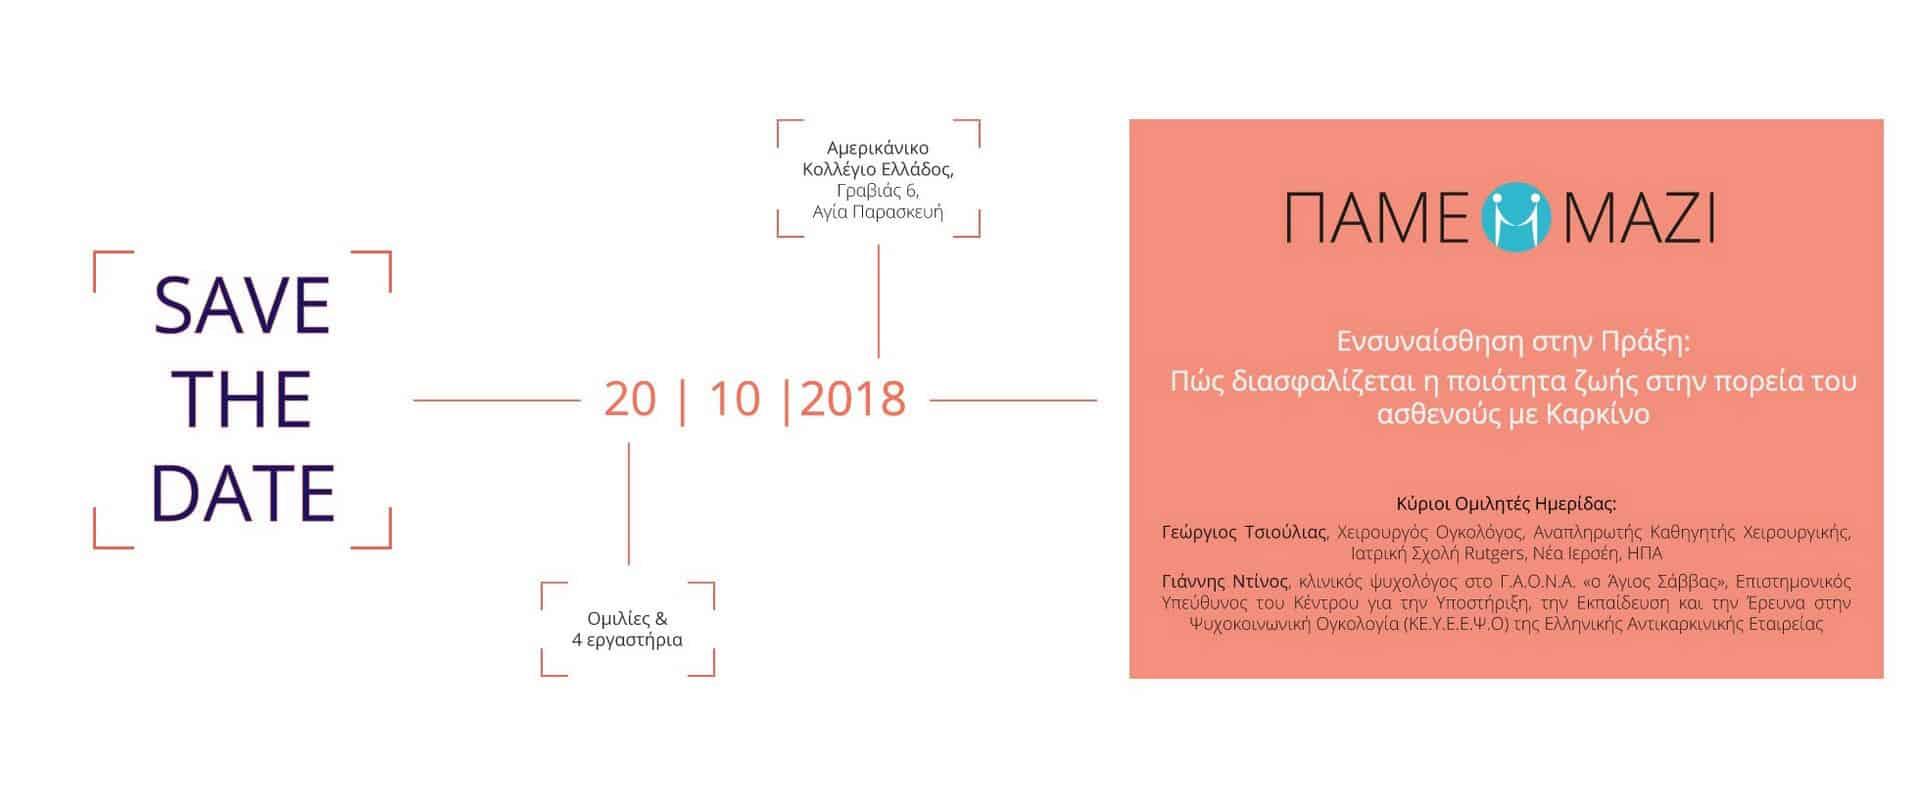 pamemmazi save the date forum 2018